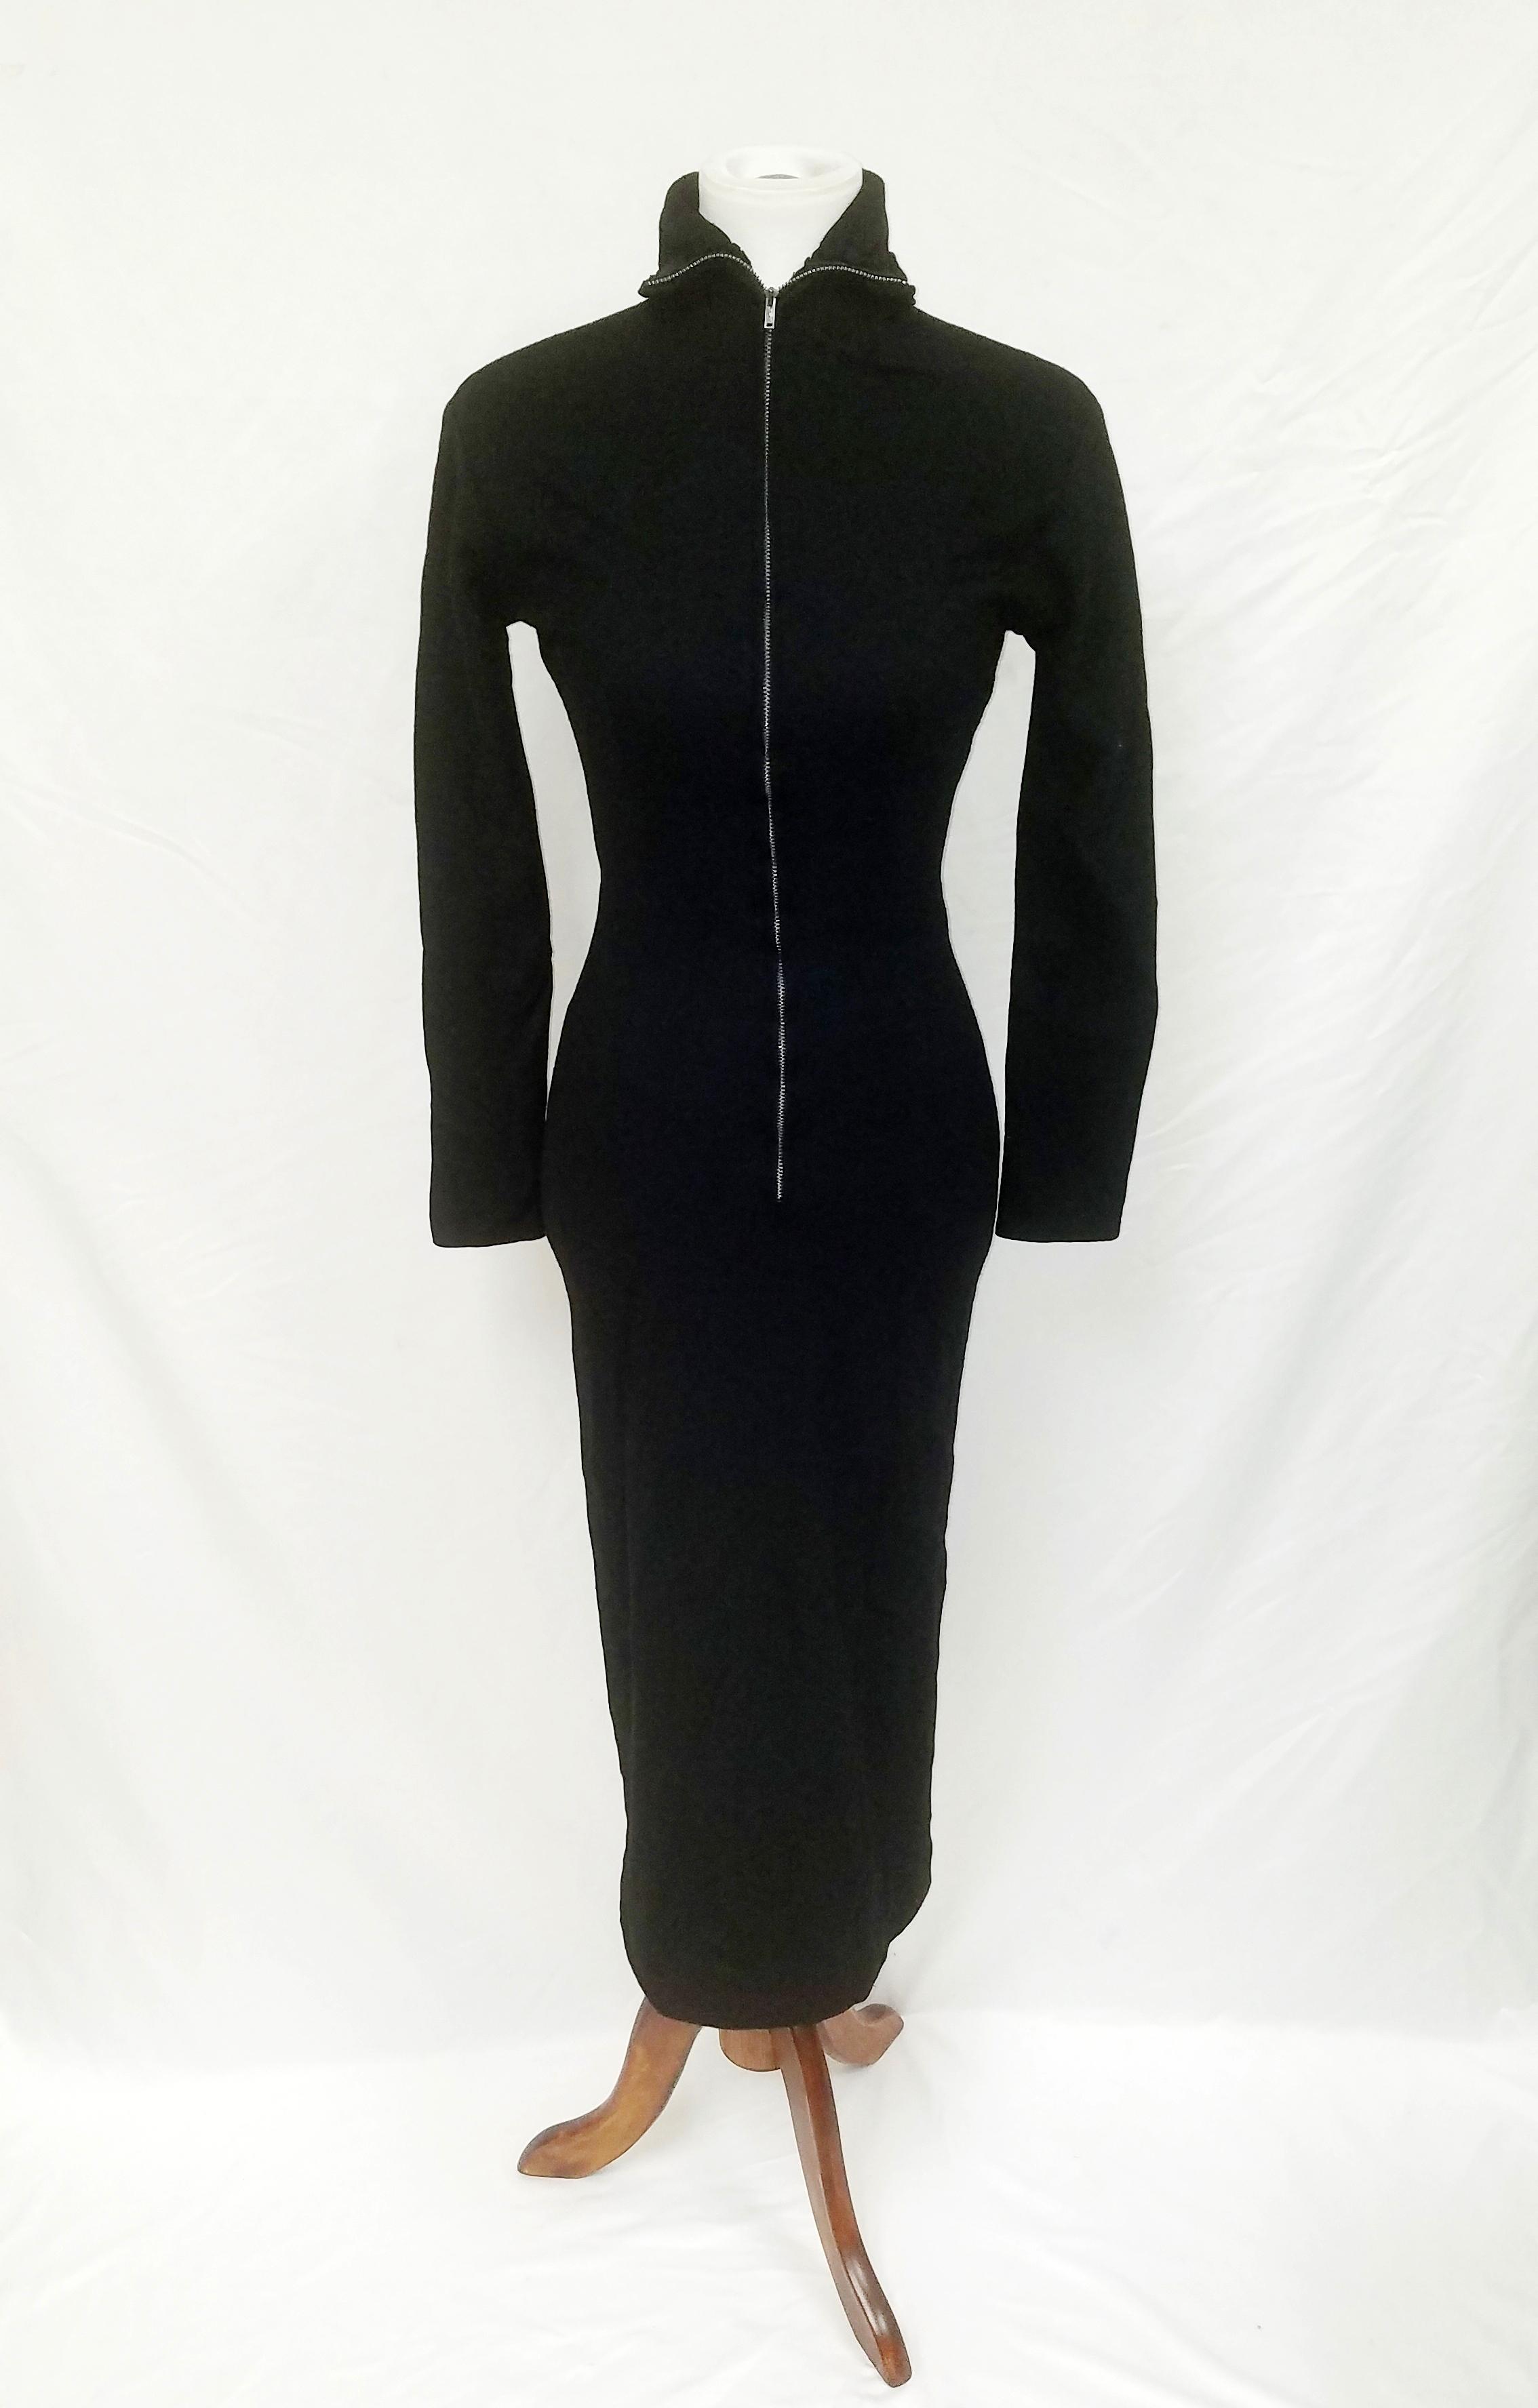 El vestido negro queMarilyn Monroe usó en una conferencia de prensa en 1954 para anunciar su divorcio de Joe DiMaggio a menos de un año de matrimonio. (GWS Auctions vía AP)